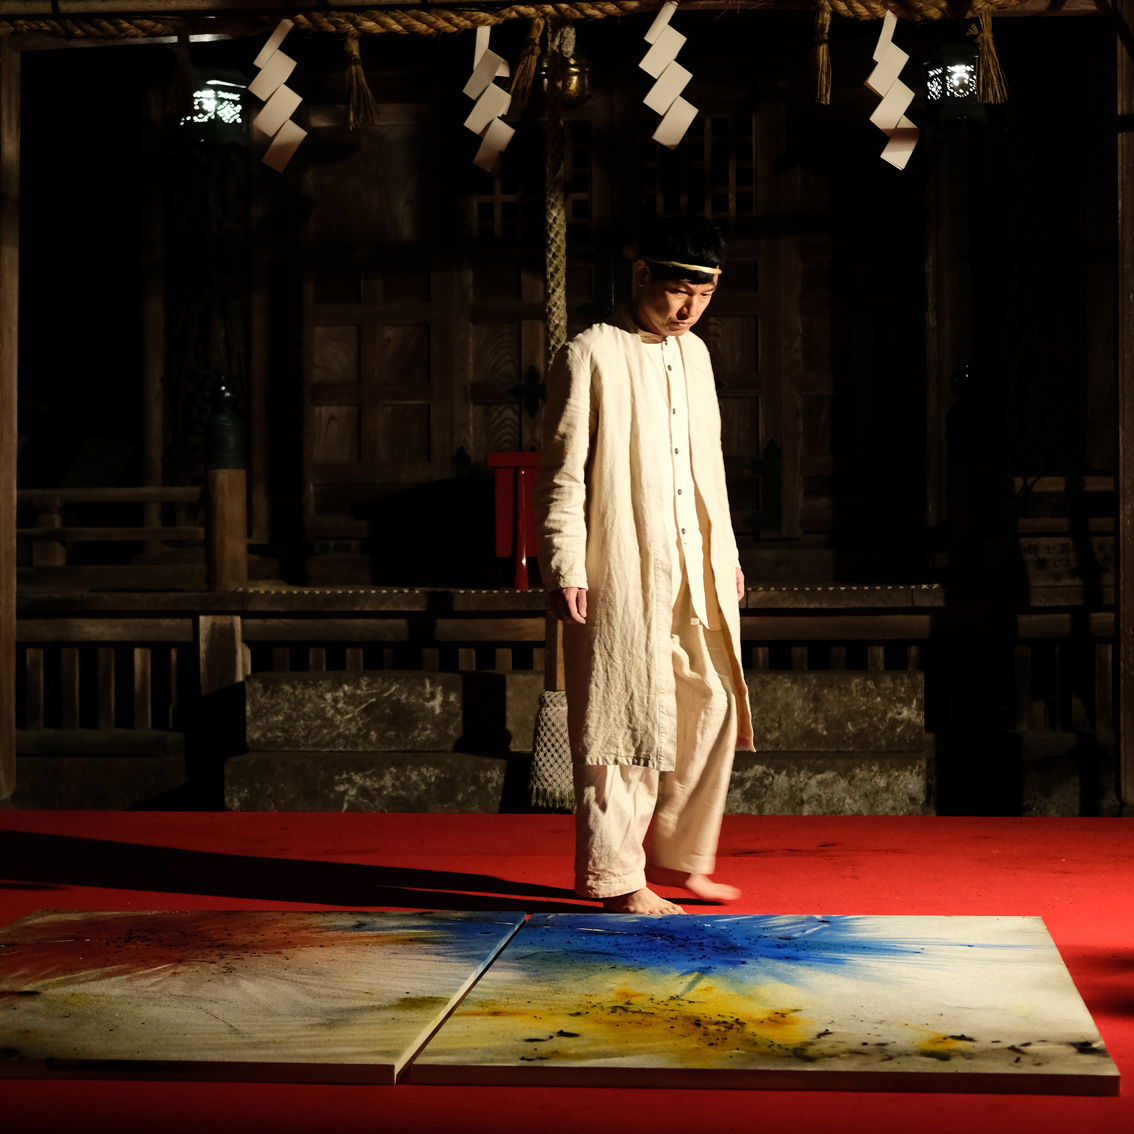 岡太神社/大瀧神社(福井県)での絵画奉納パフォーマンス